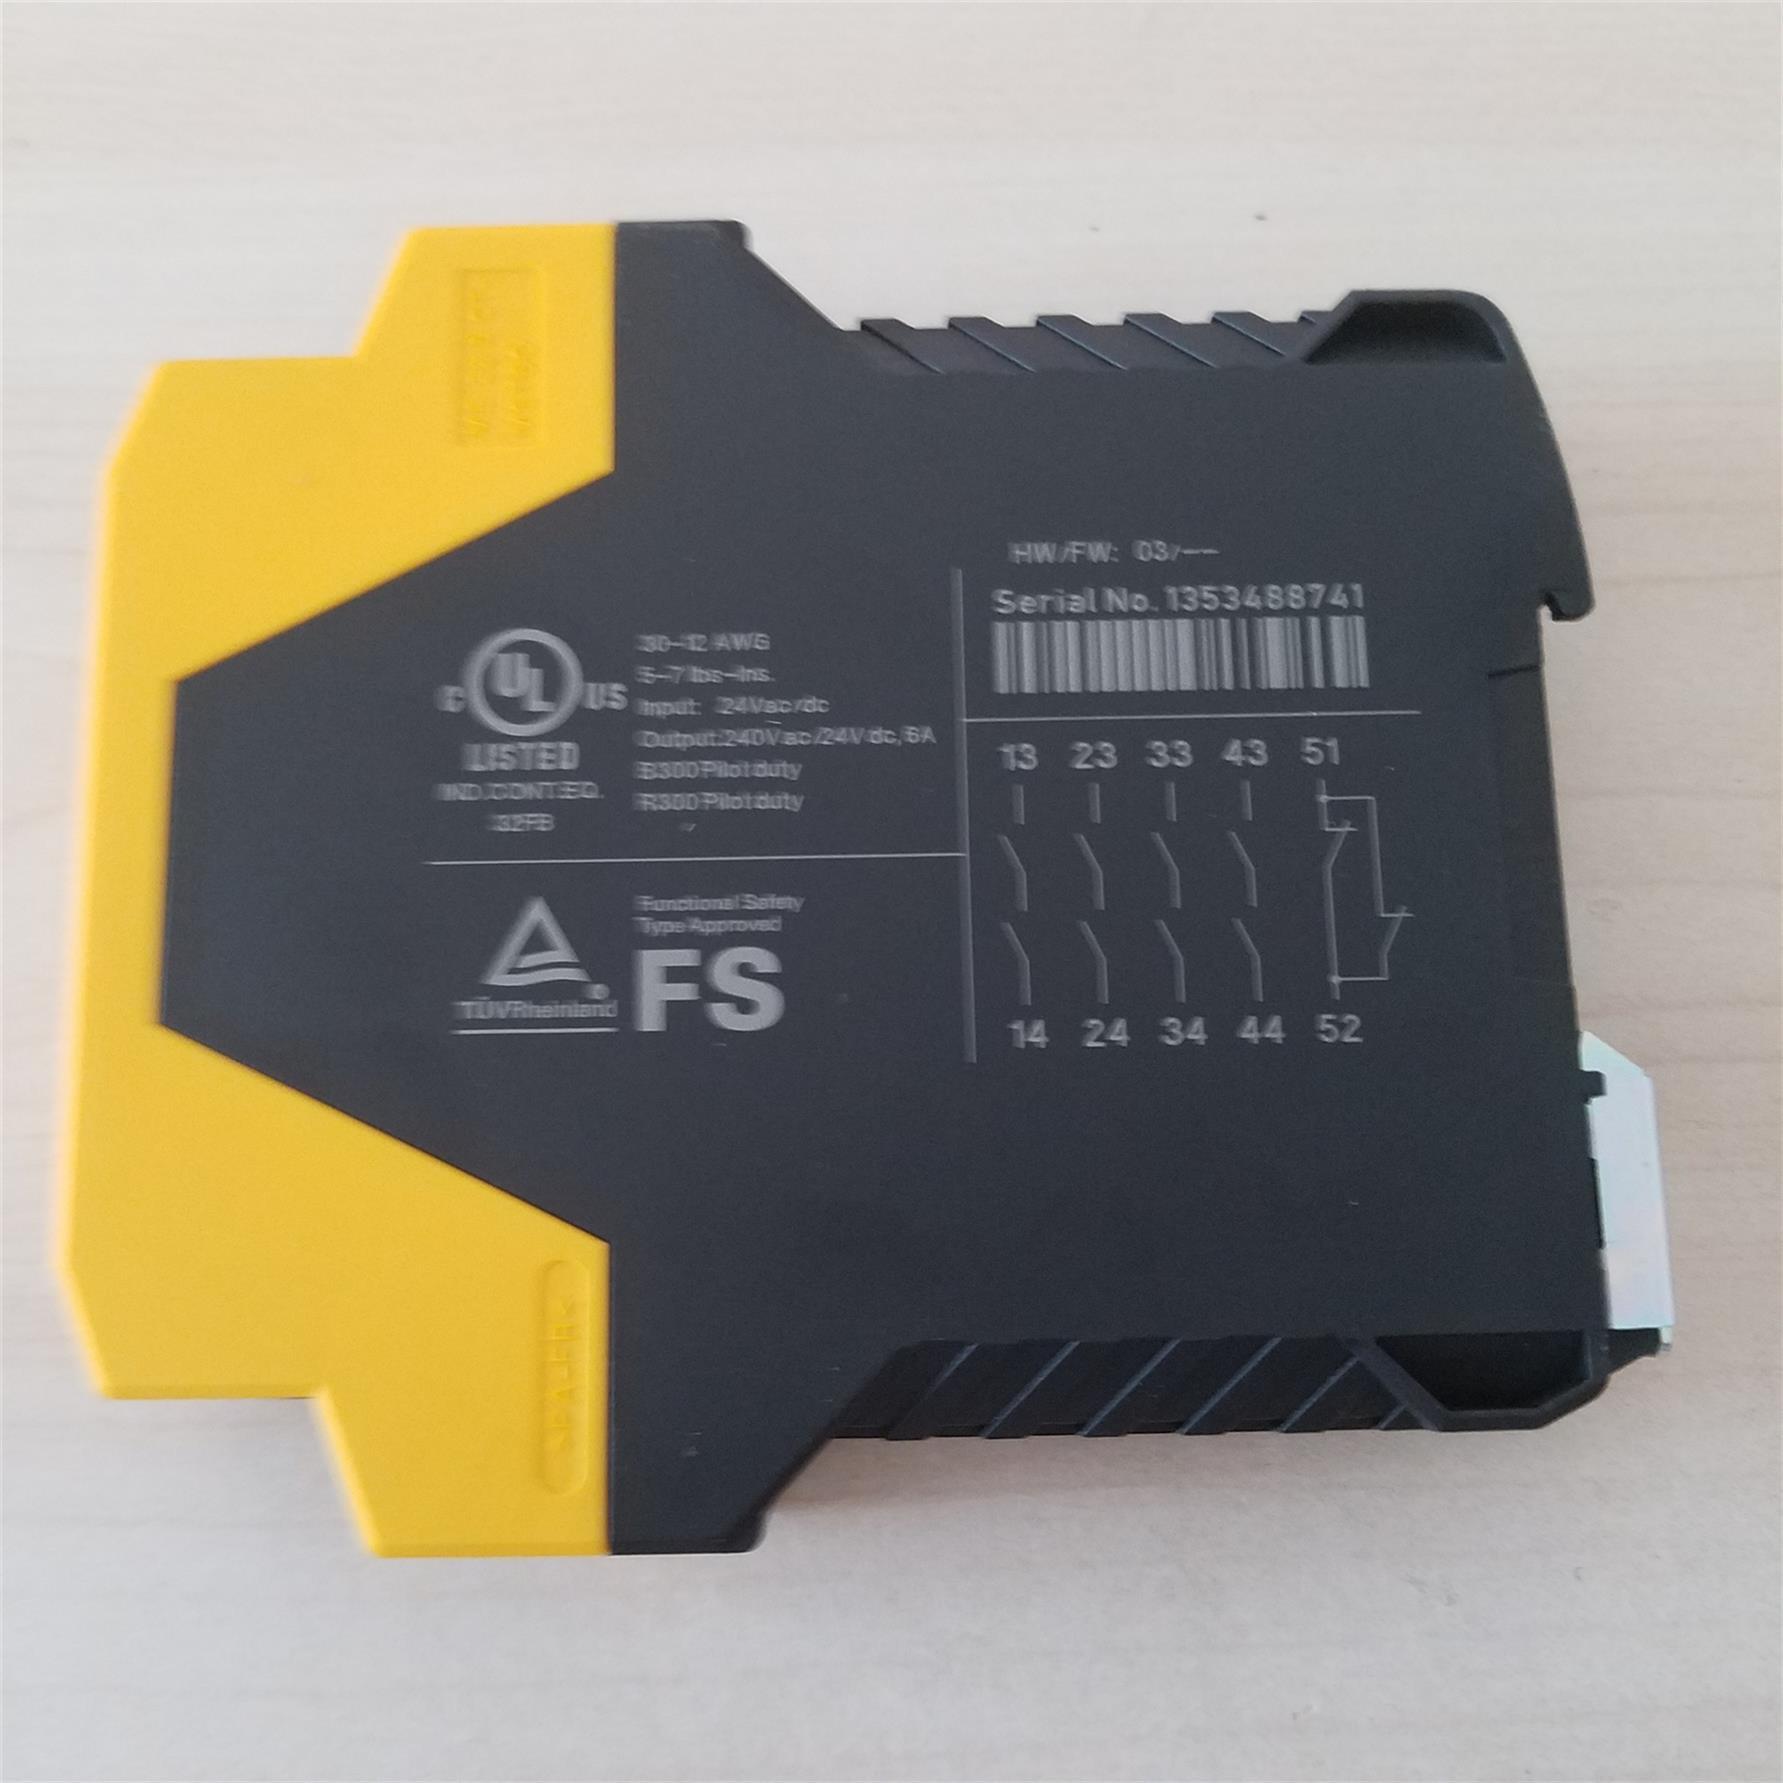 按钮和指示灯M22EATON穆勒框架断路器批发